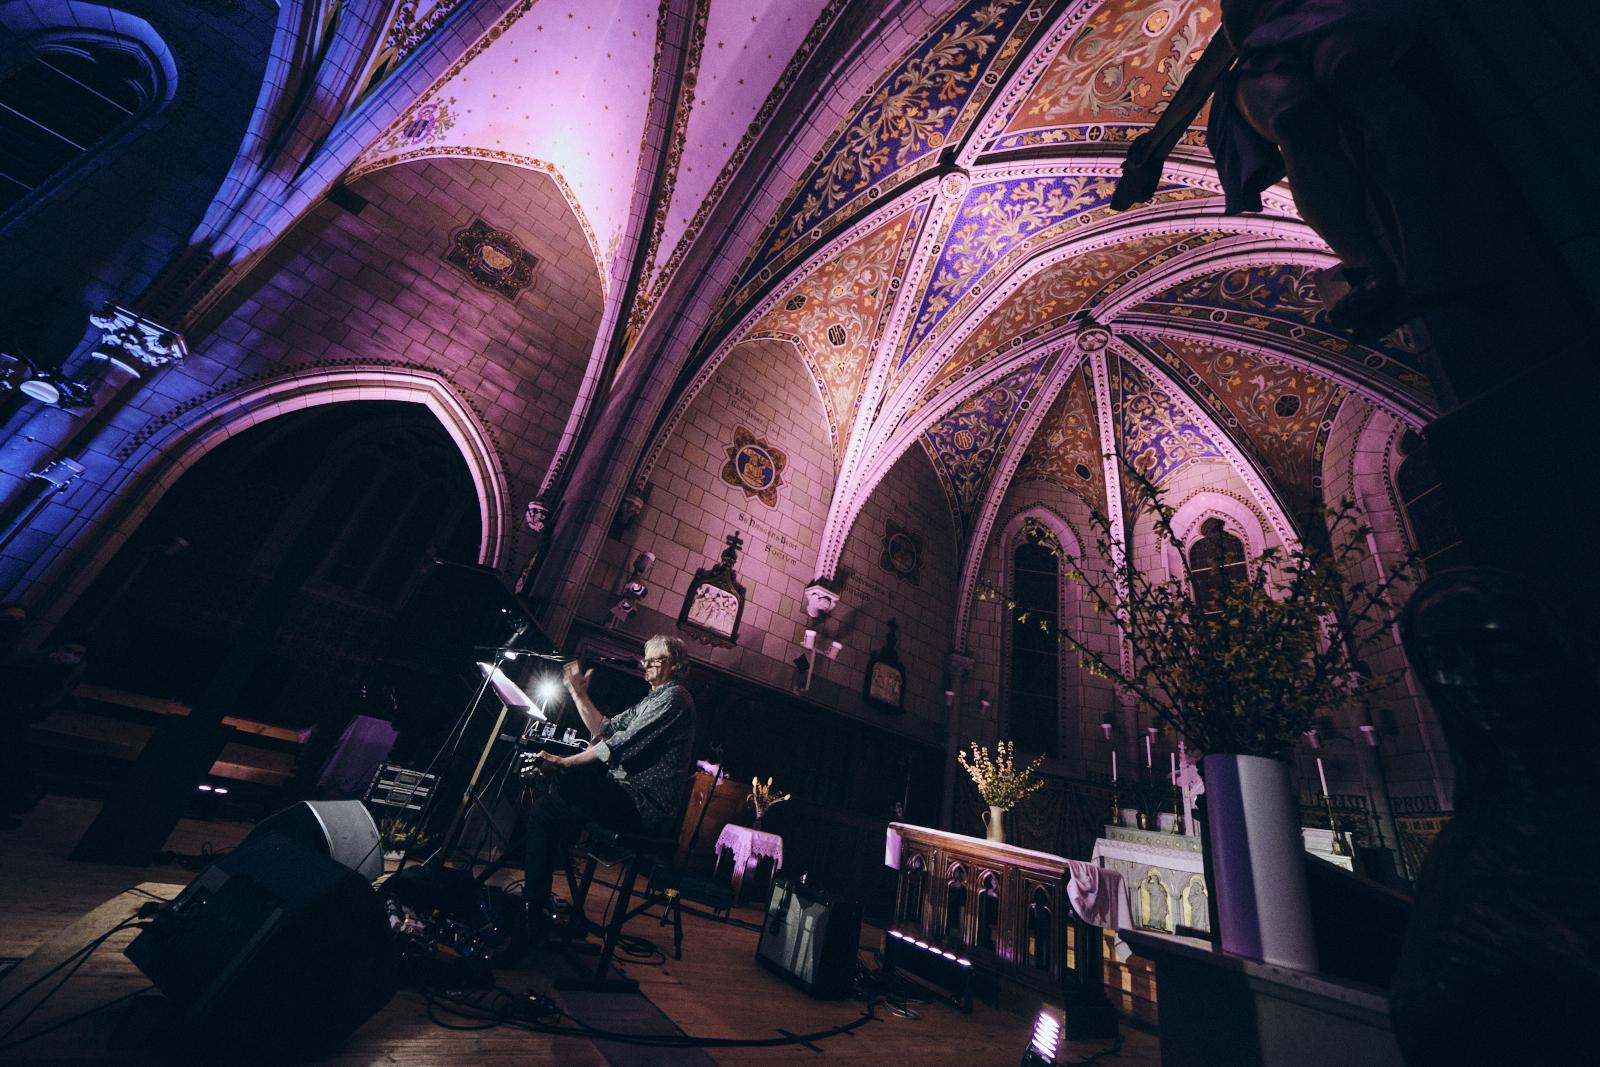 Concert culte de Rodolphe Burger dans l'église de Bernex au festival suisse Antigel : et pourquoi pas en France ?